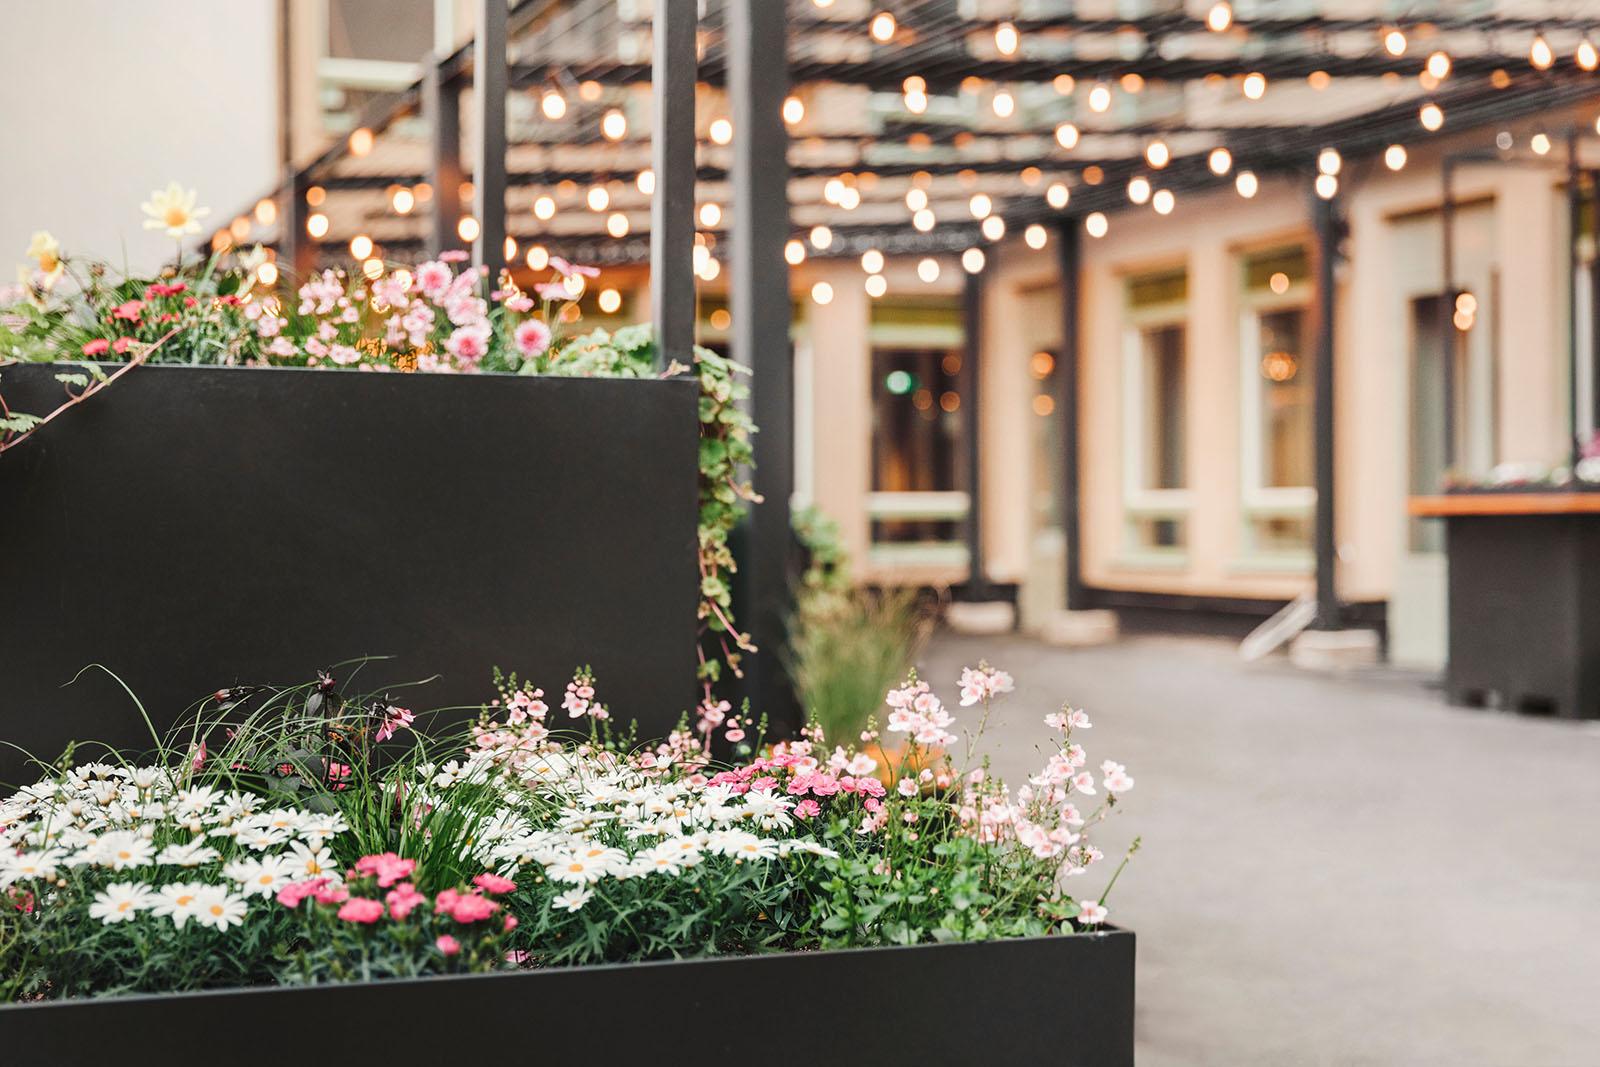 Vi tillhandahåller högkvalitativa lösningar och tjänster inom ljusdesign i Stockholm, som här: ett väl utfört uppdrag på innegården av Blique by Nobis, Stockholm.